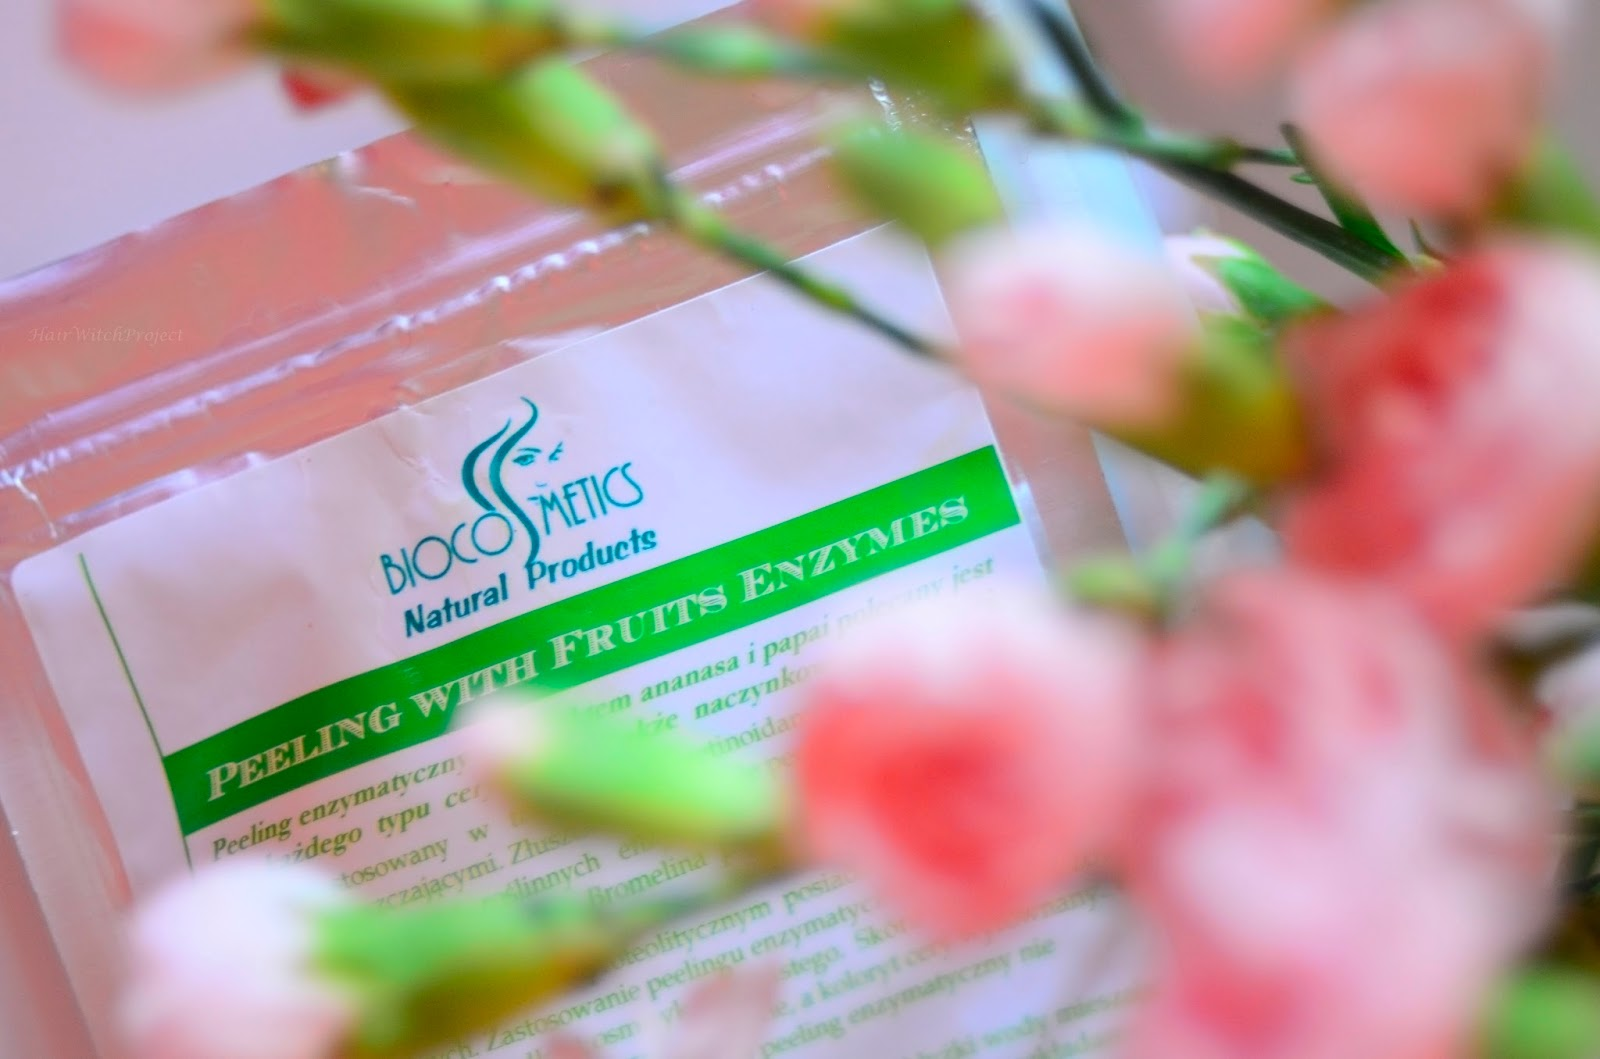 peeling | enzymatyczny | pielęgnacja | pielęgnacja cery | bromelaina | papaina | natural